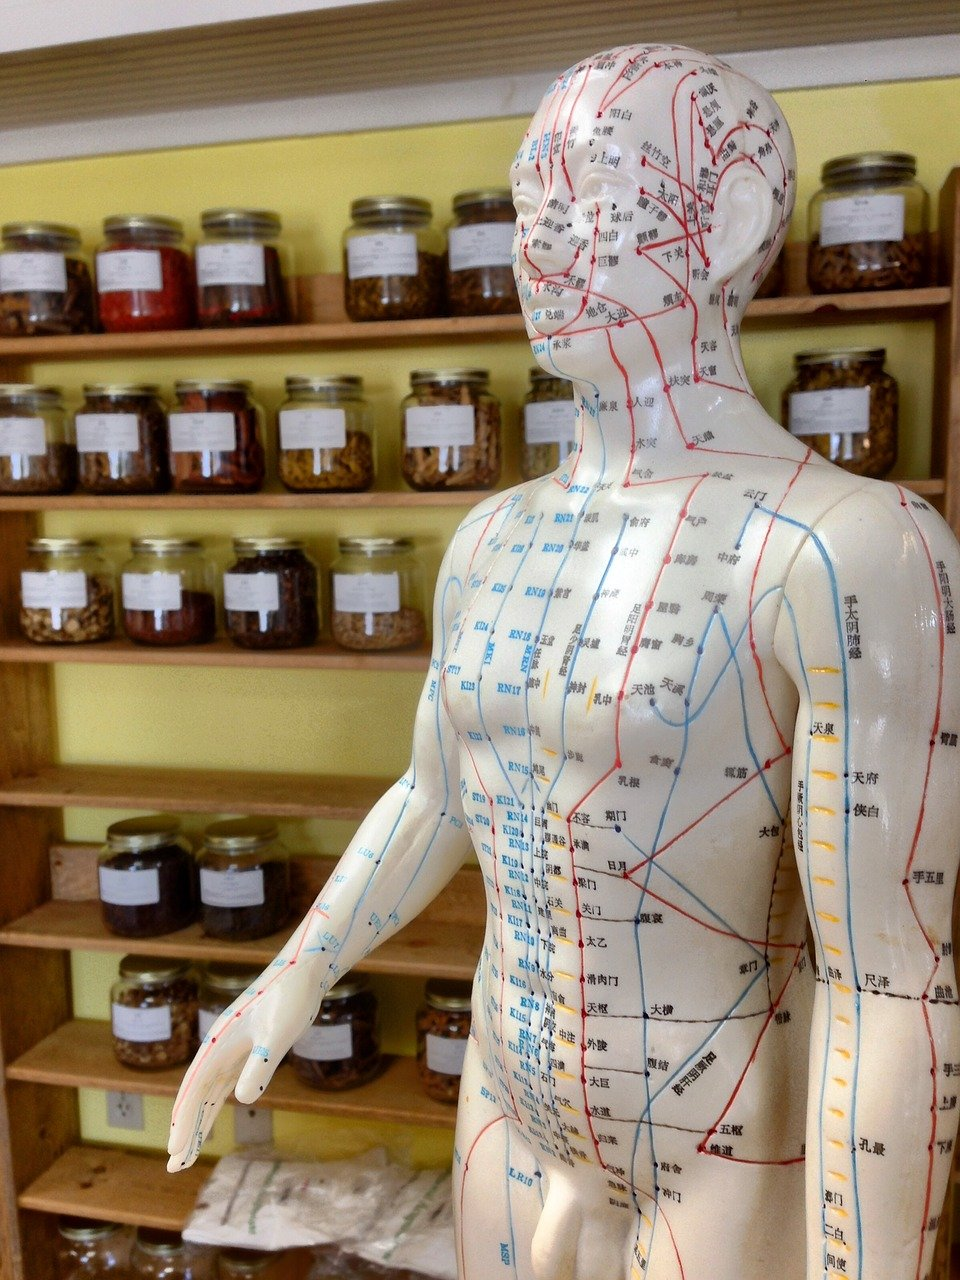 Heilpraktiker Gezondheidsprak Nieuwe Eetstijl Medical Weight Loss & Health D'r massage fysio